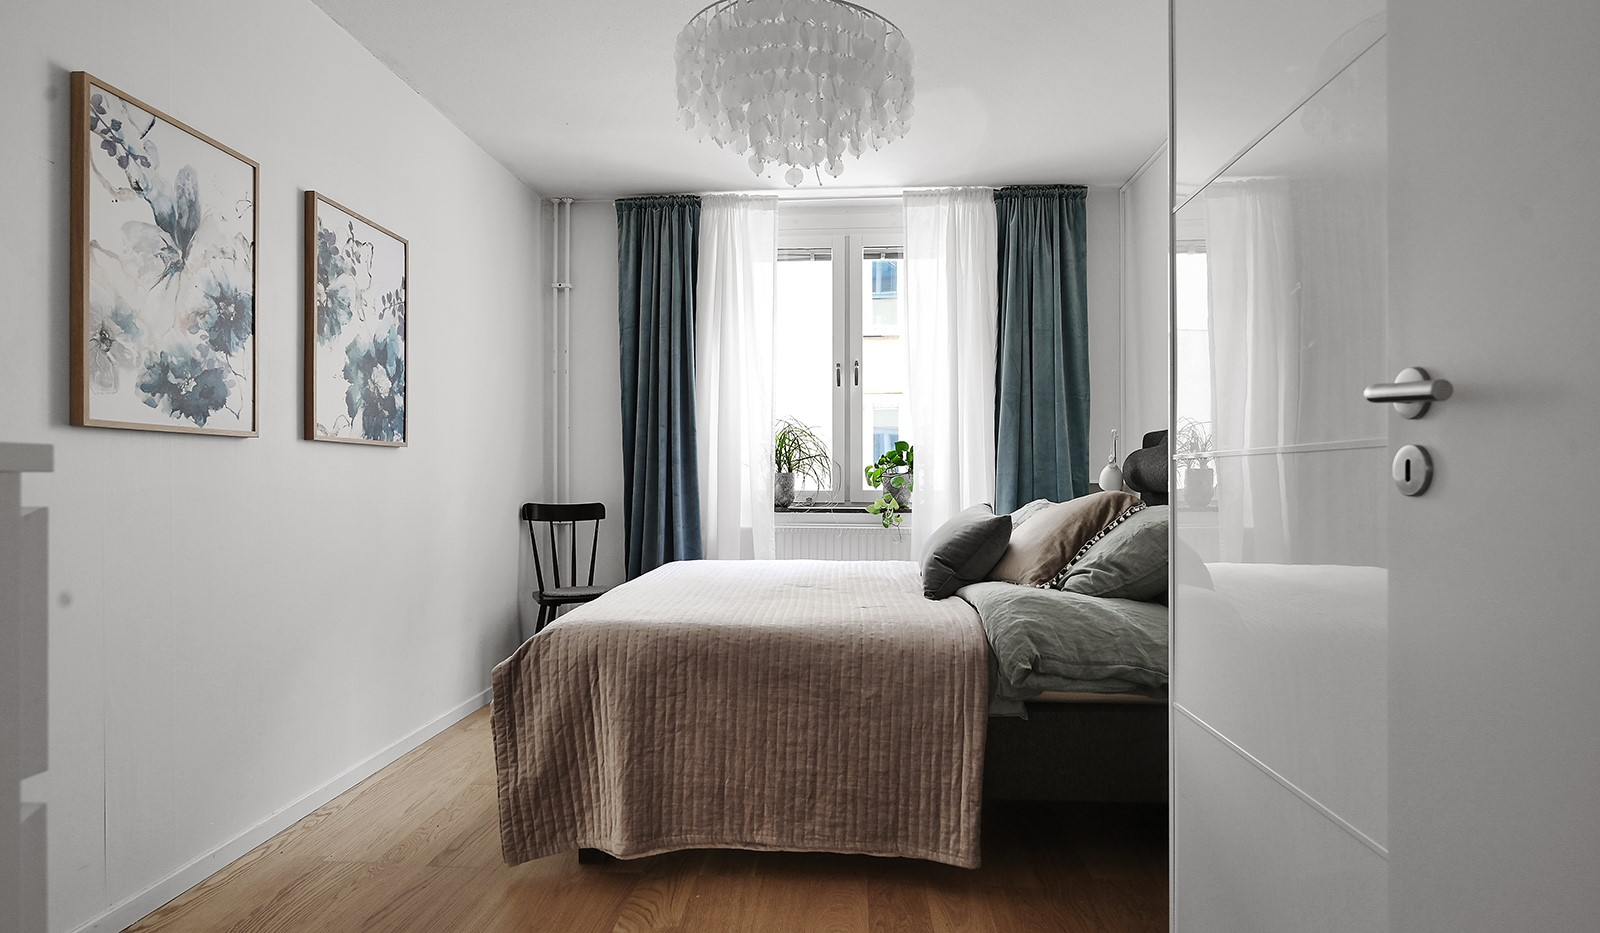 Ringvägen 41B, 2 tr - Rymligt sovrum med plats för dubbelsäng, sängbord och förvaring